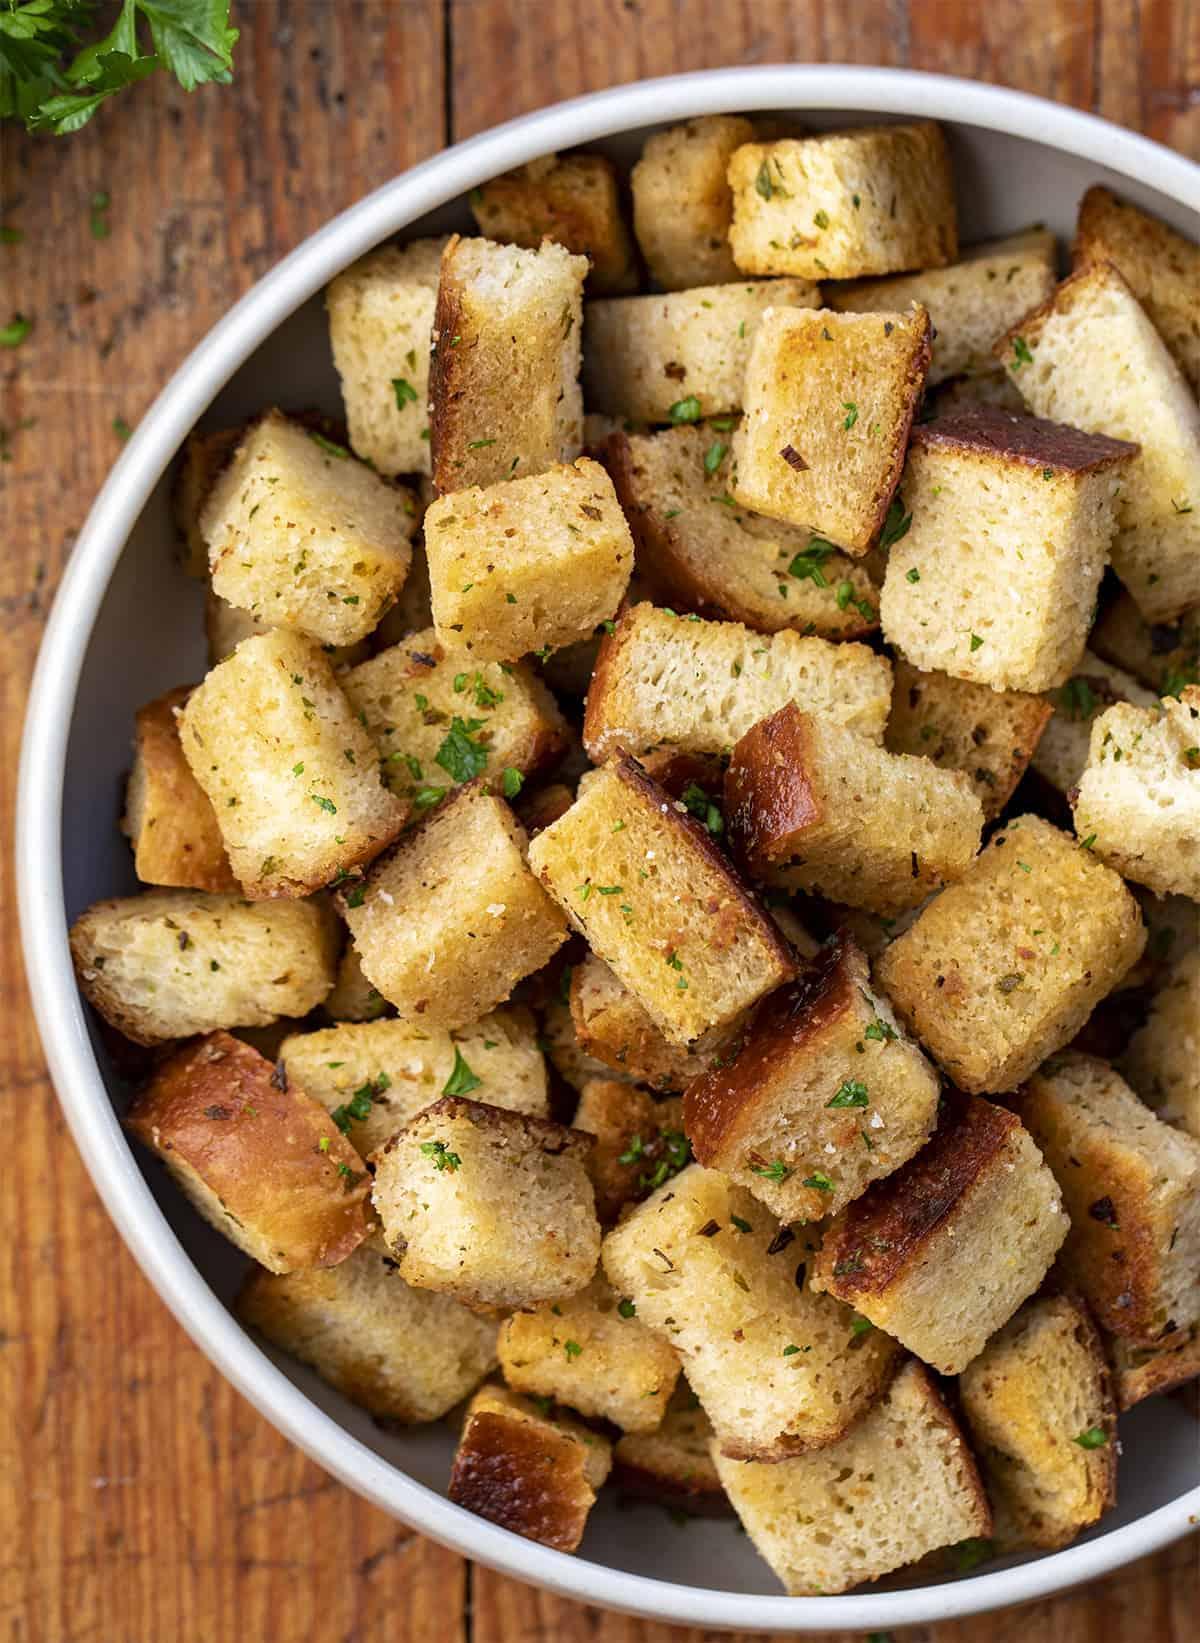 Bowl of Sourdough Croutons